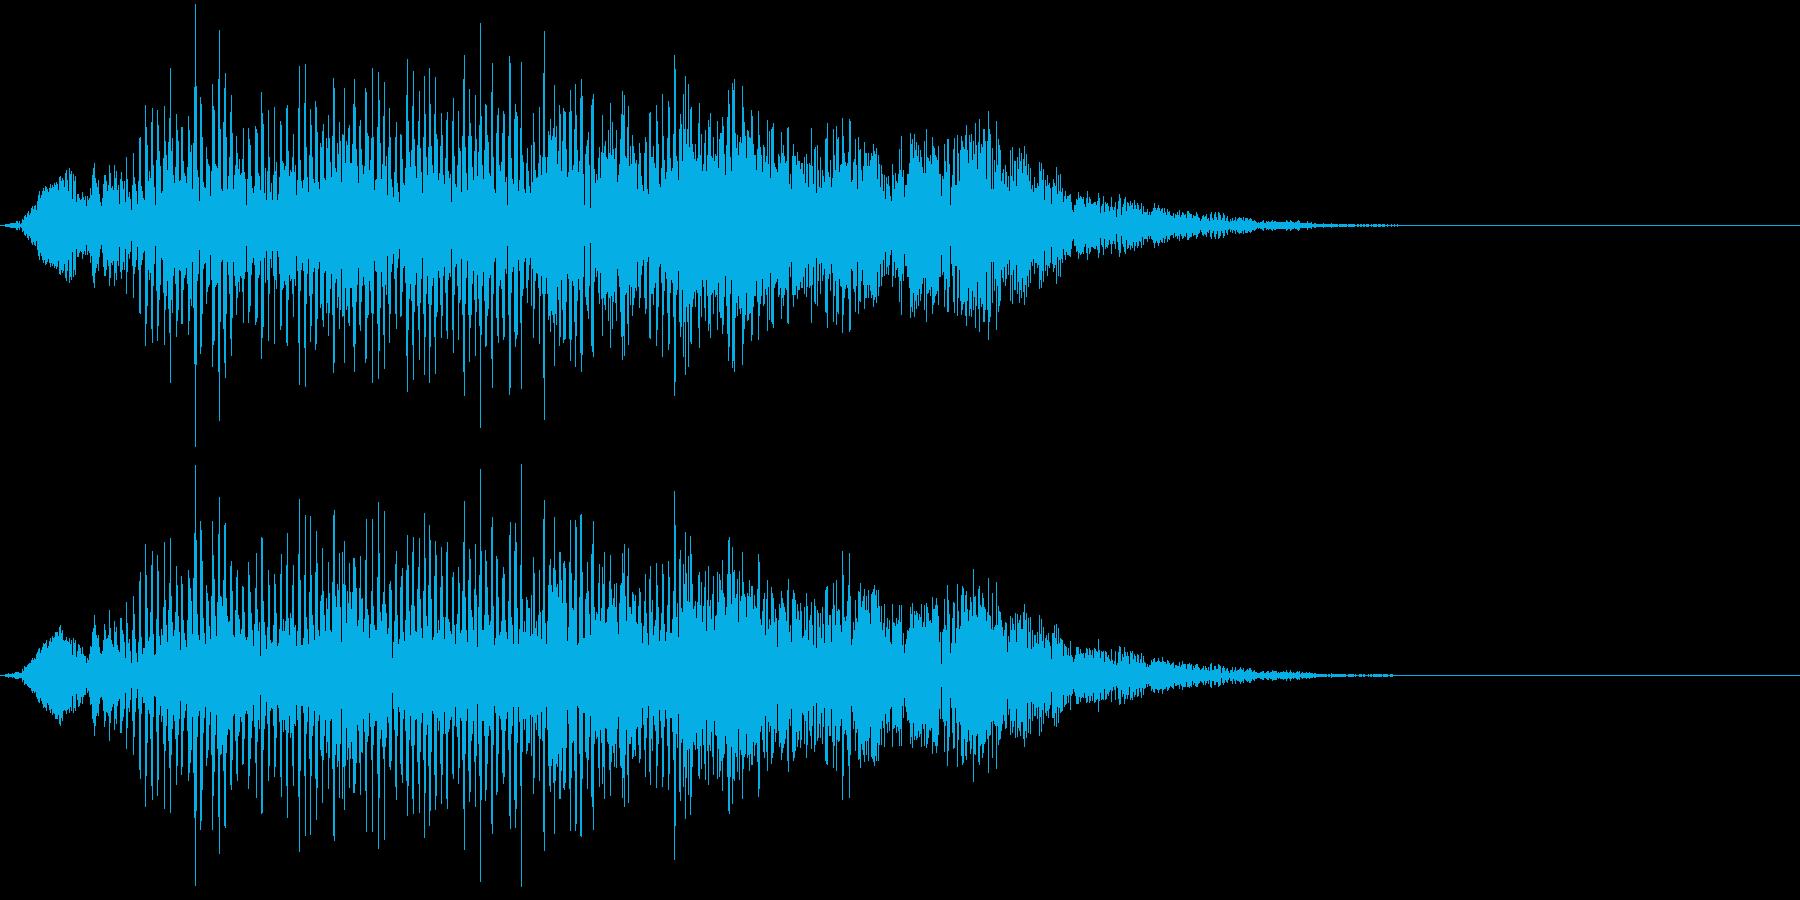 ニホンザルの鳴き声(ケンカし)の再生済みの波形